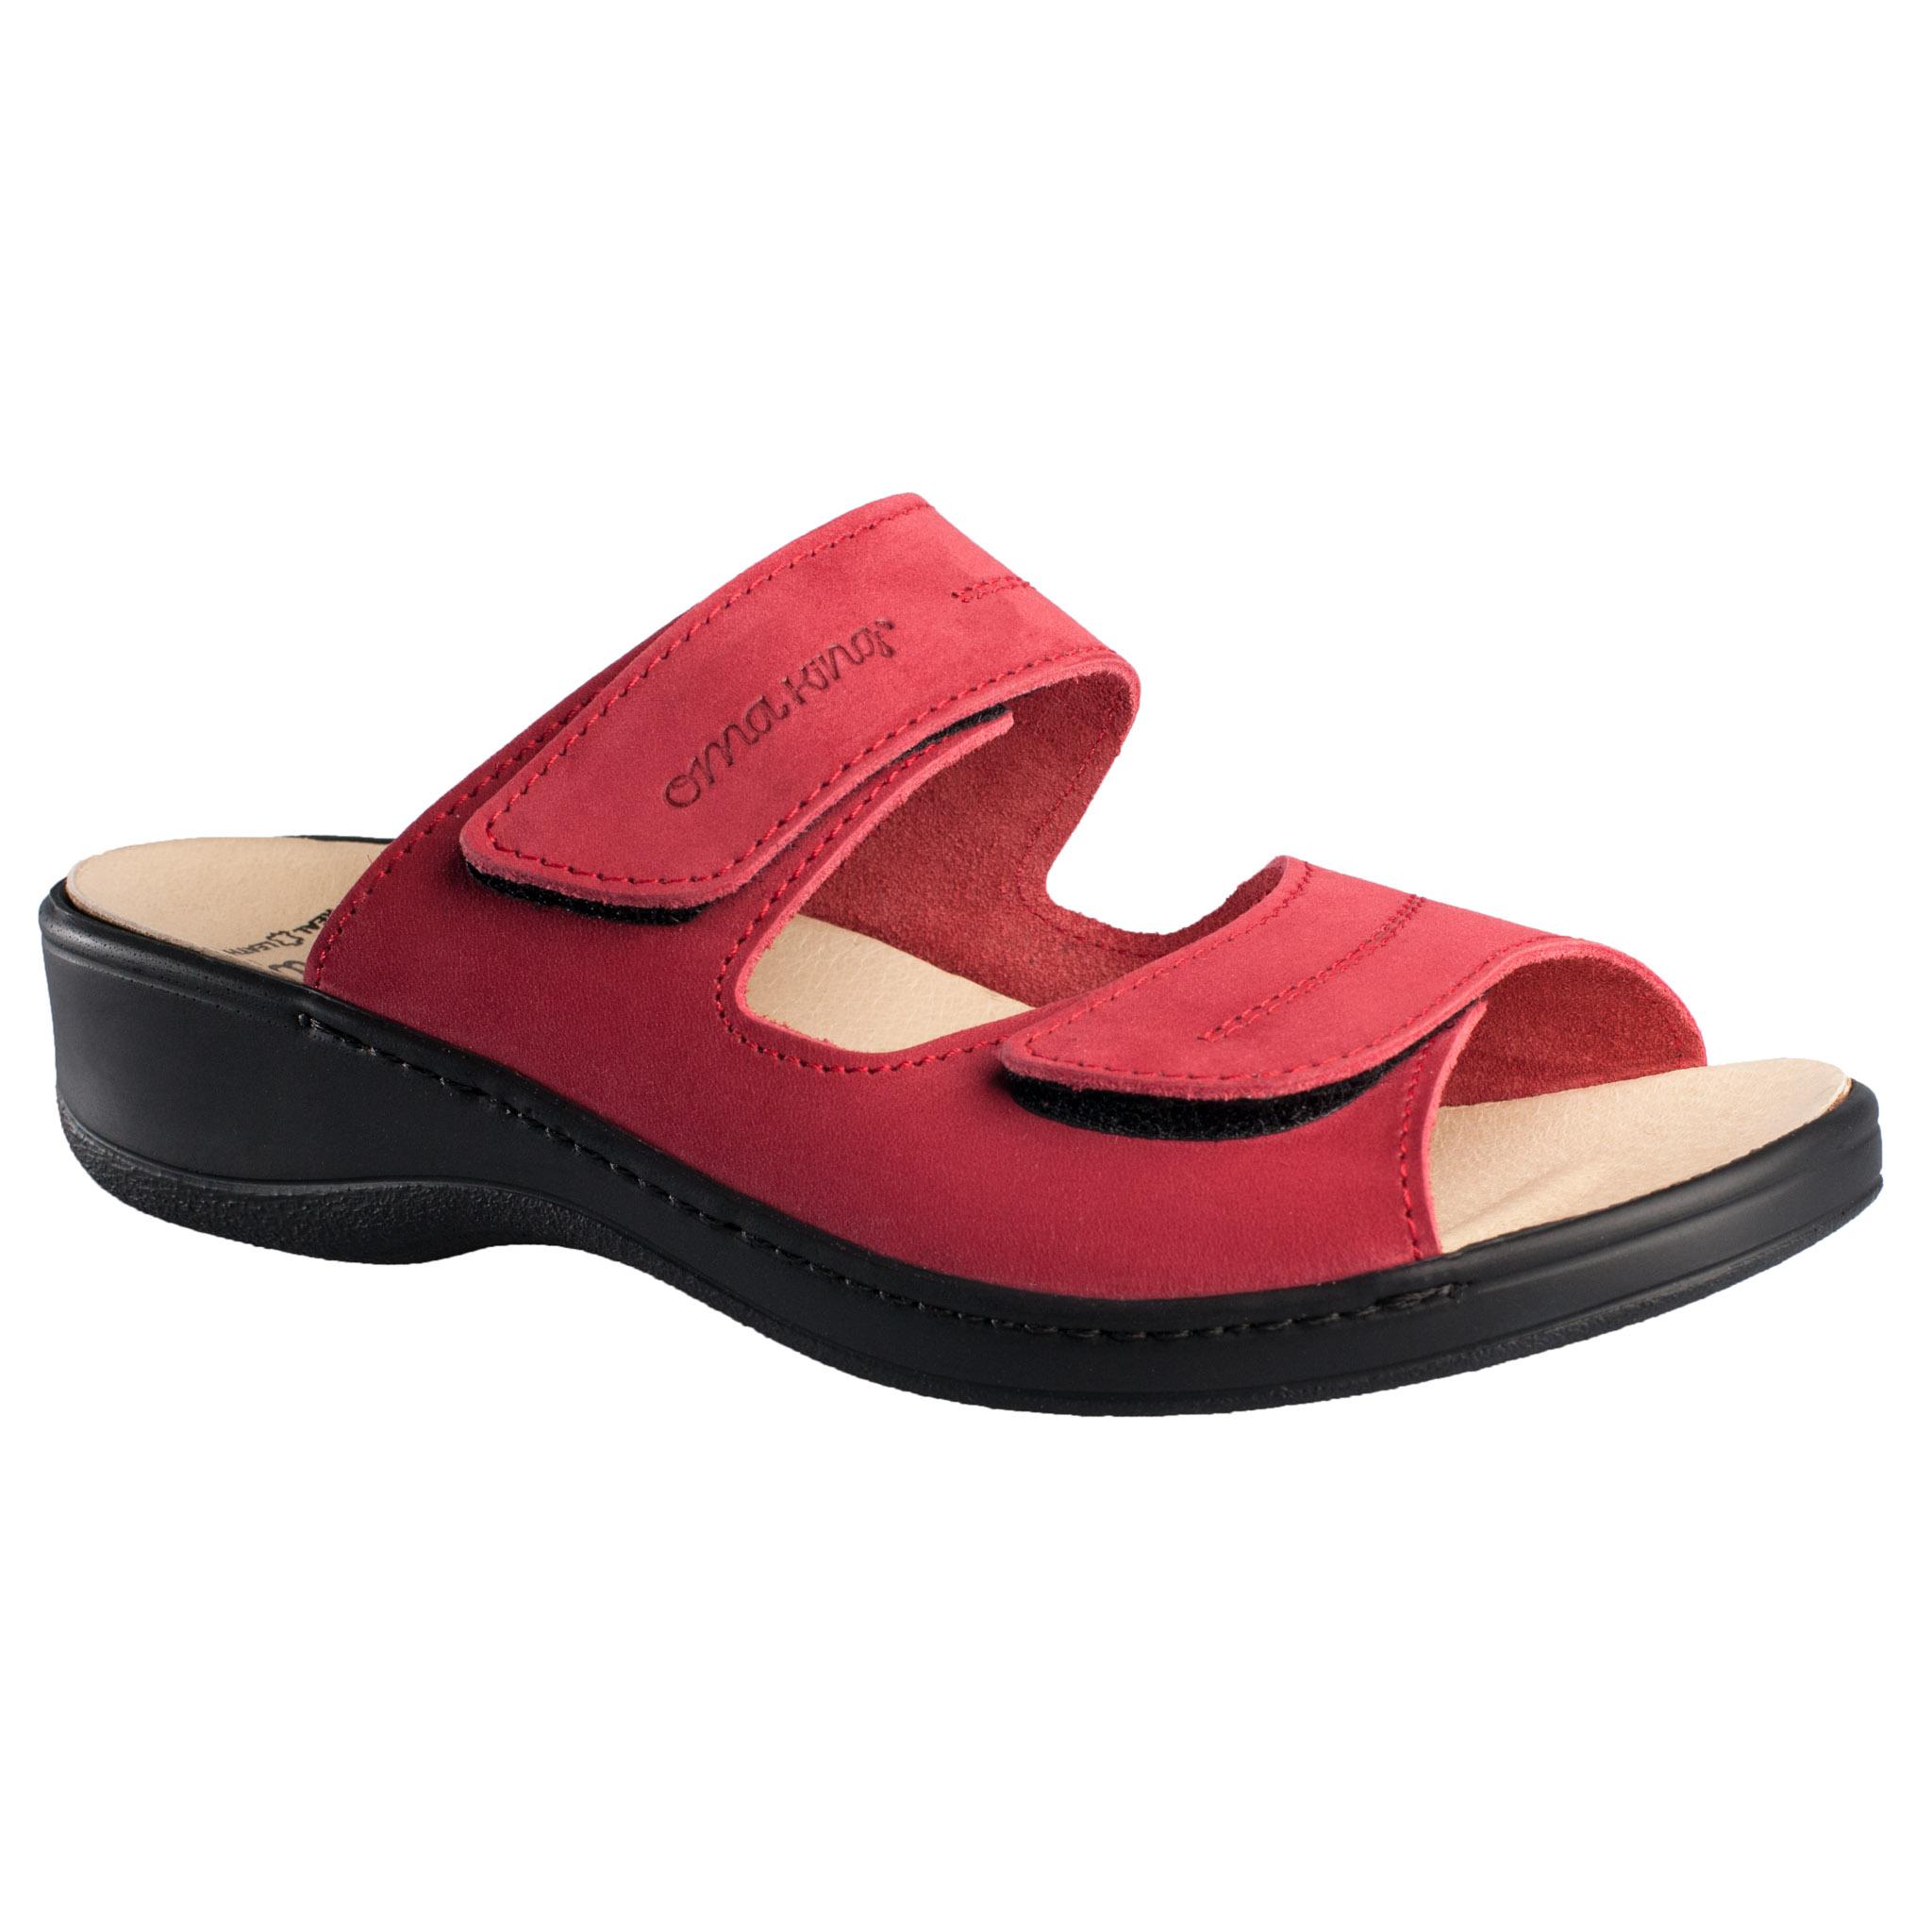 0d03c94d9a0 OmaKing ergonoomilise sisetallaga nahast sandaalid (2017) - OmaKing